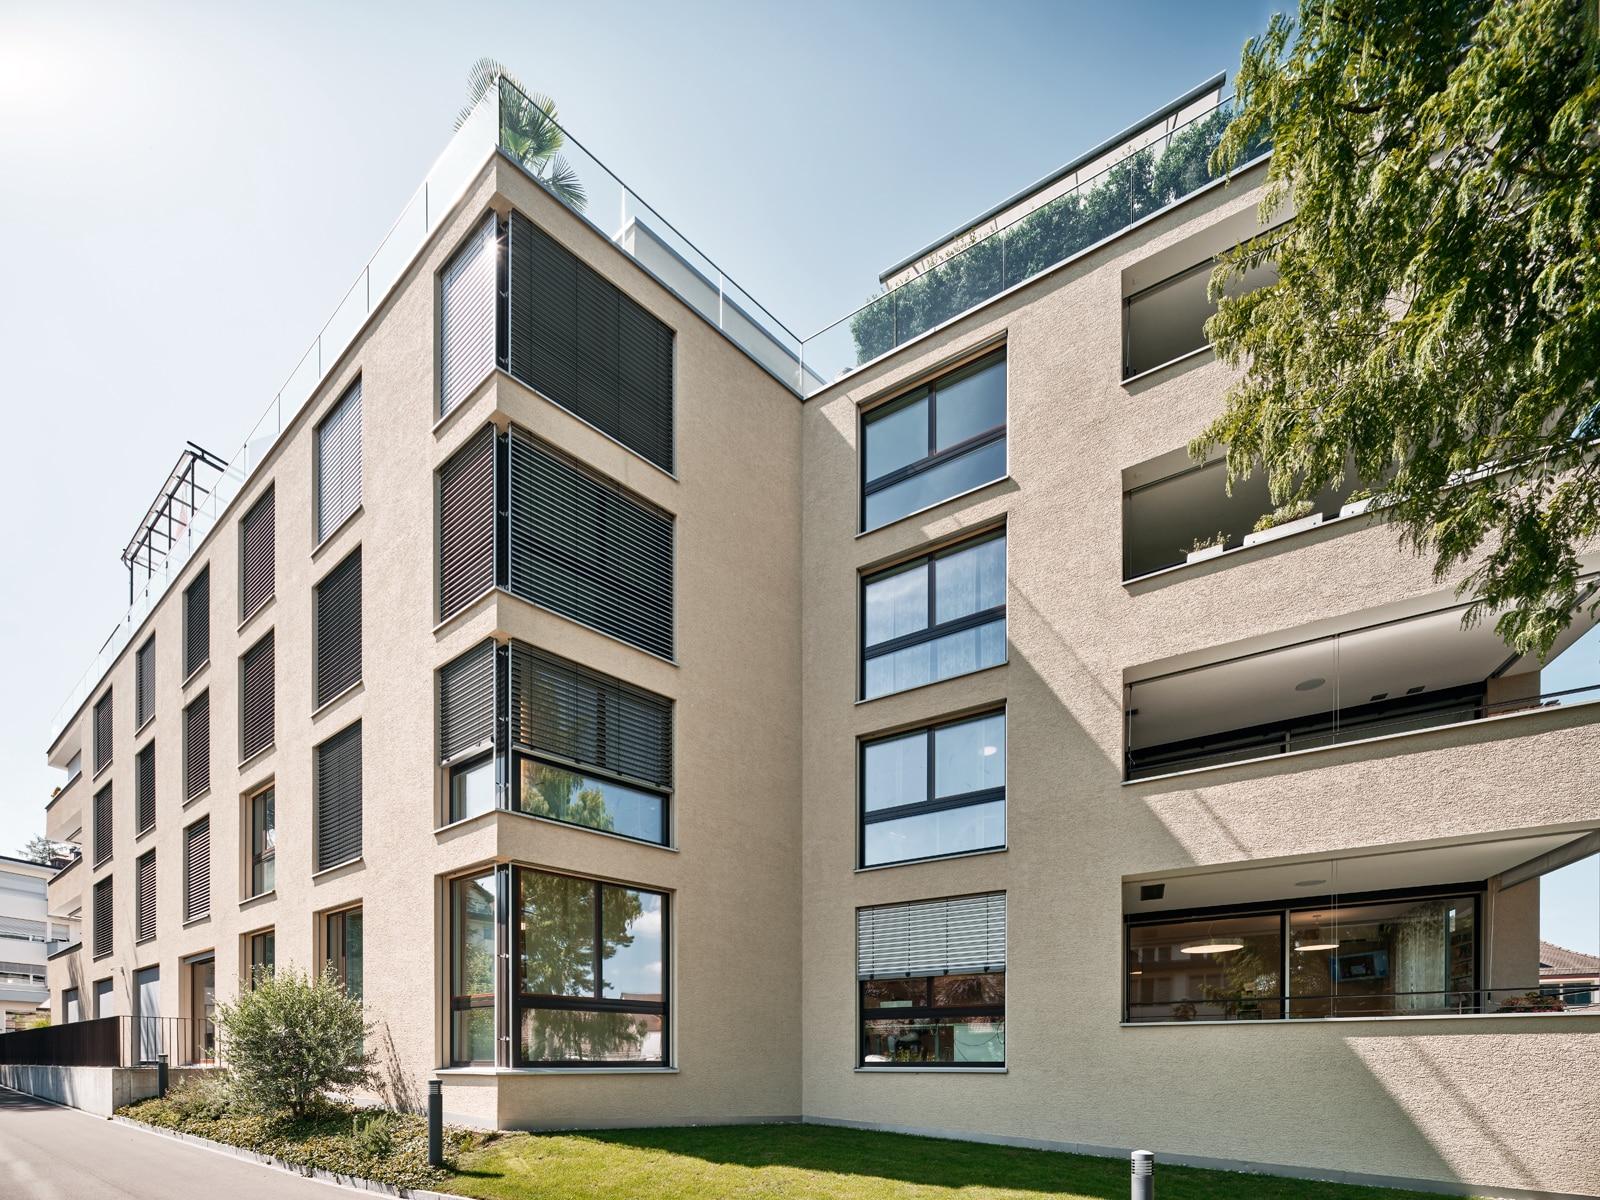 Architekturfotografie - Referenzobjekt - Wädenswil Wädi-City - Mächler Generalunternehmung AG